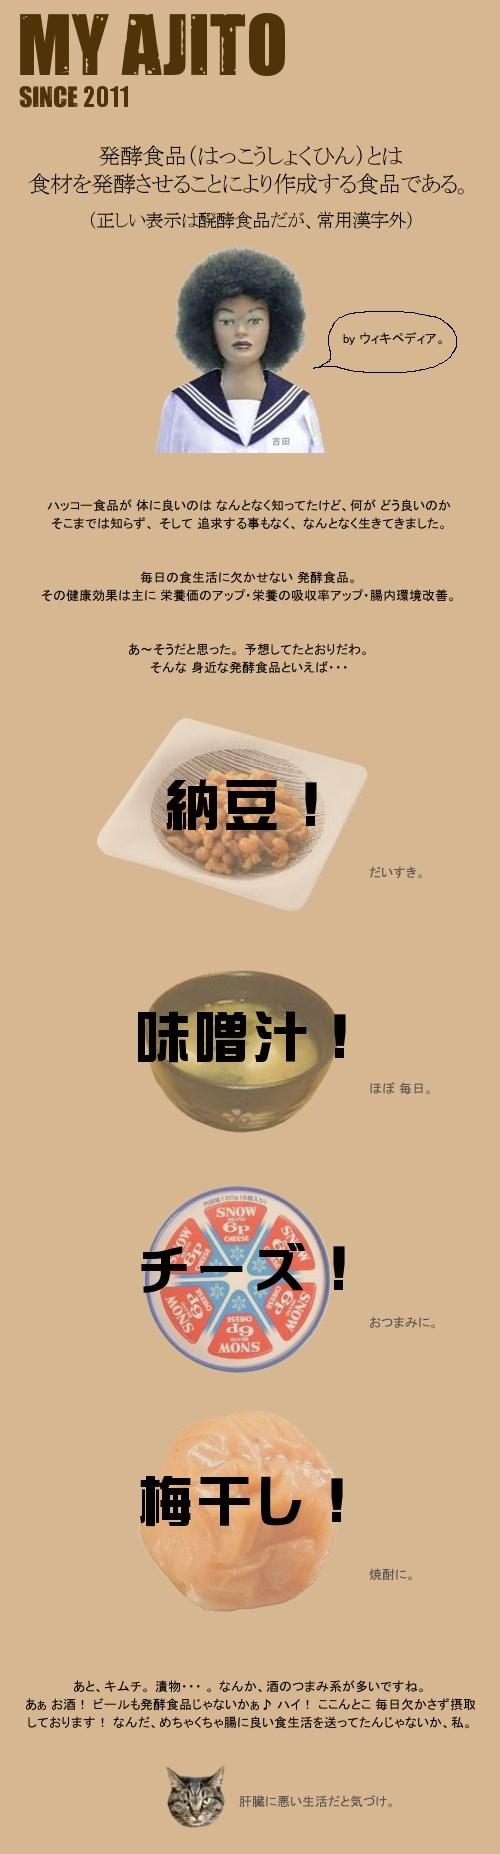 hakkou_1.jpg